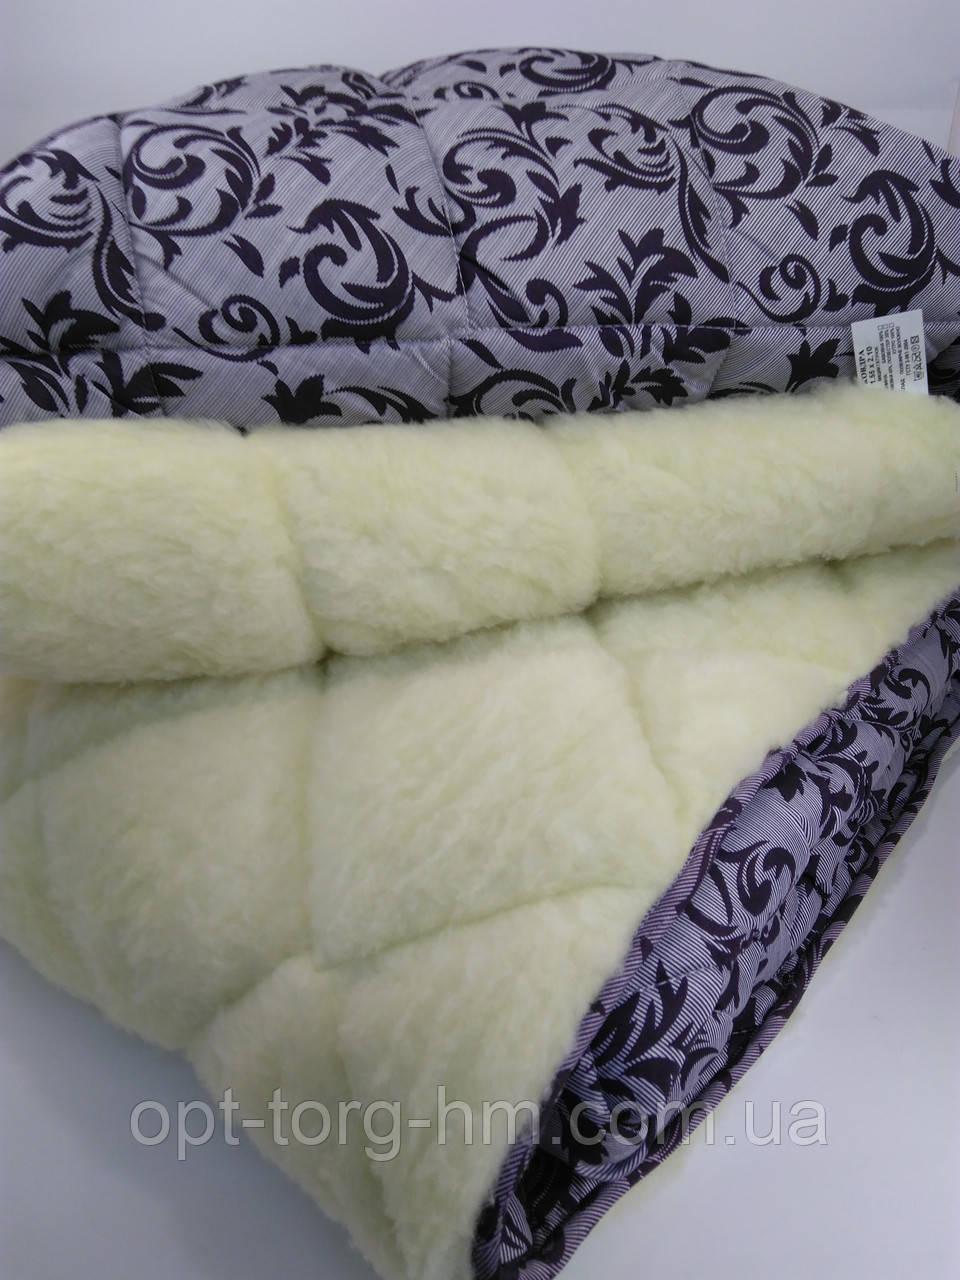 Одеяло Меховое открытое 175*215 ОДА (полиэстер)